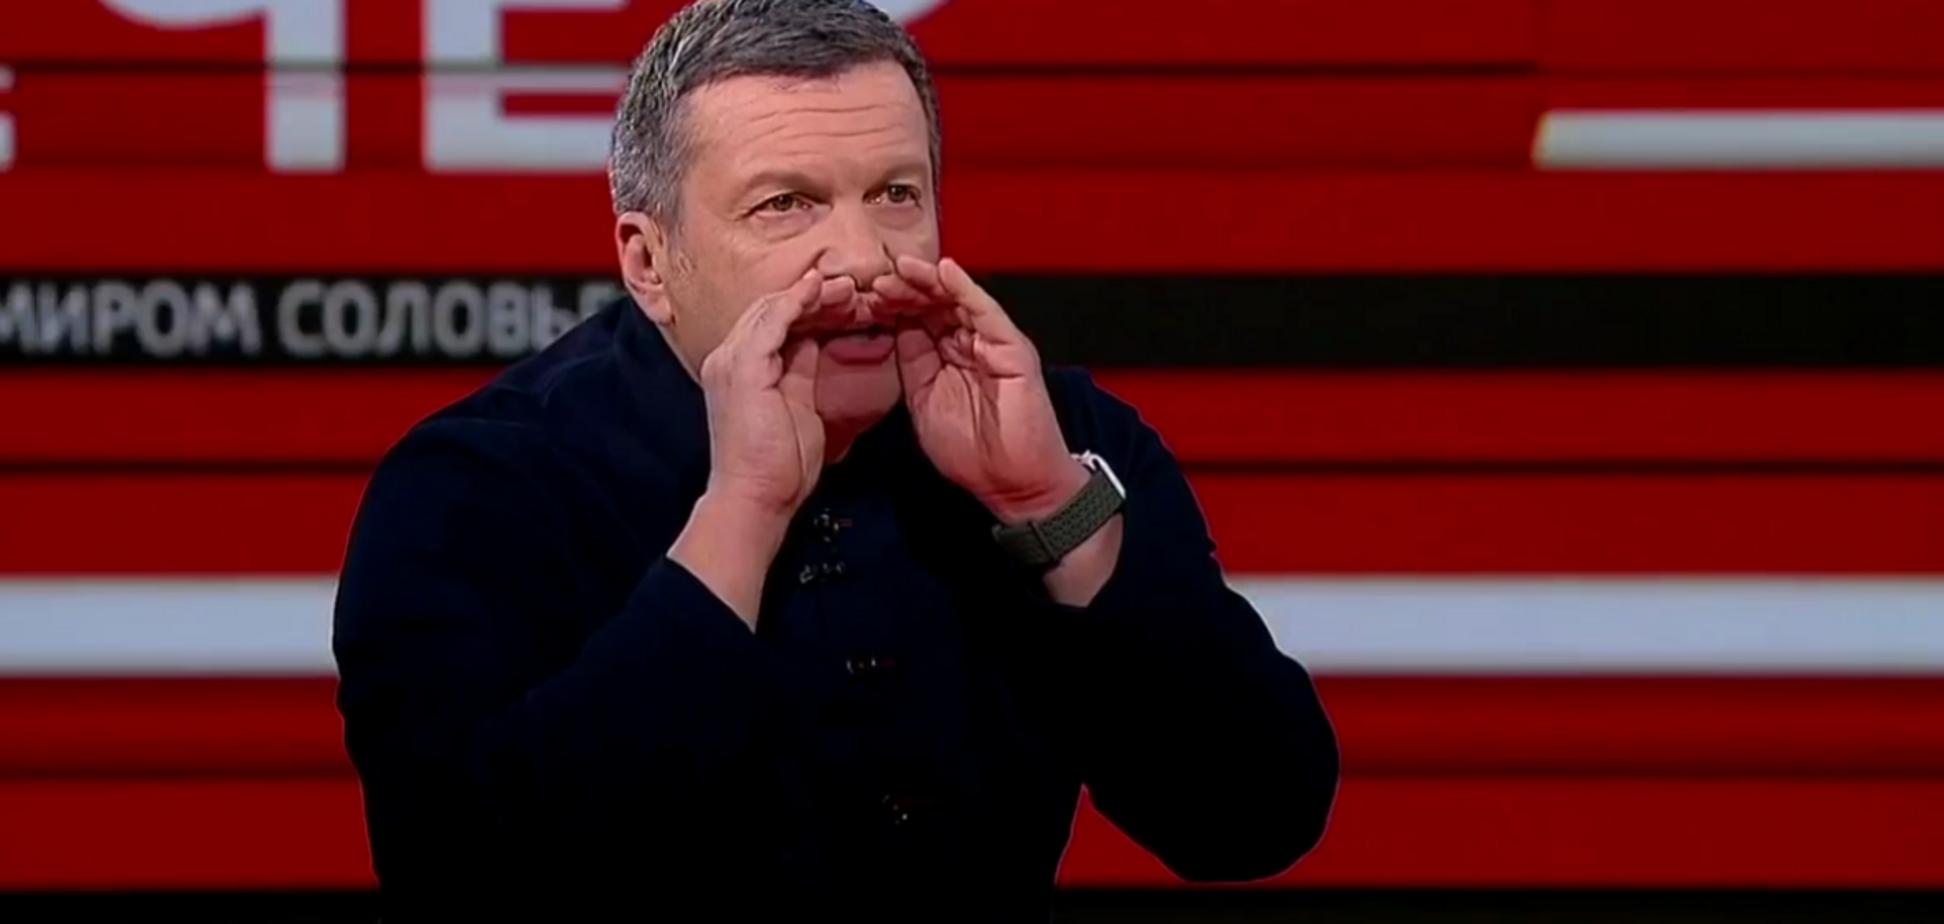 Соловьев устроил истерику в прямом эфире из-за Бандеры и Шухевича